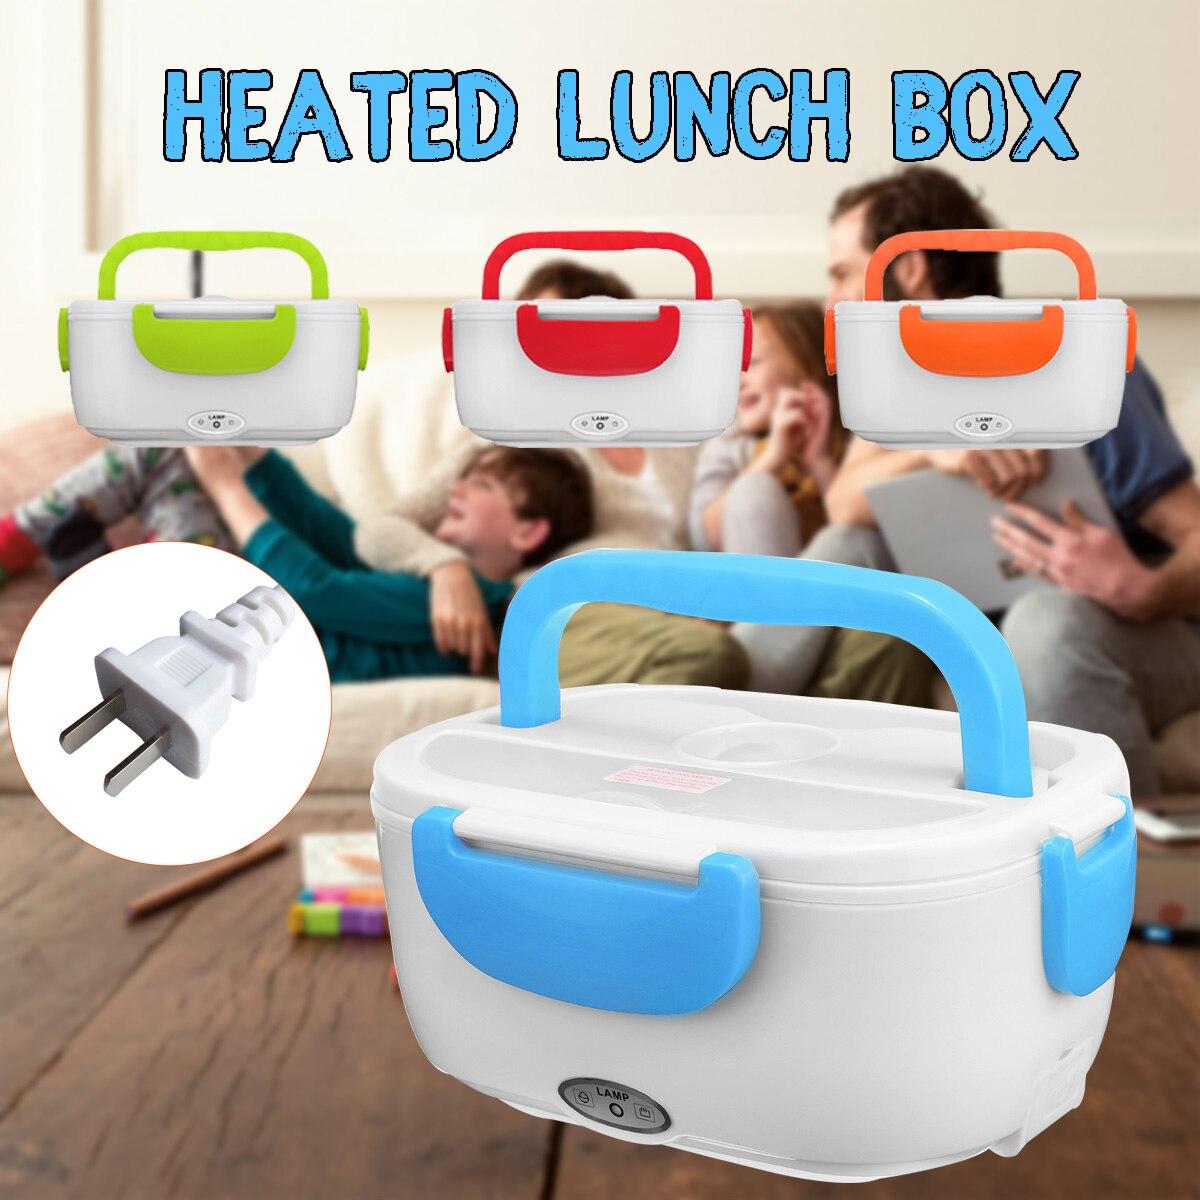 Lunch Box Riscaldamento elettrico Portatile Auto Lunchbox 110 v 40 w Bento Box di Riscaldamento di Riso Più Caldo Contenitore di Alimento Ufficio Scuola